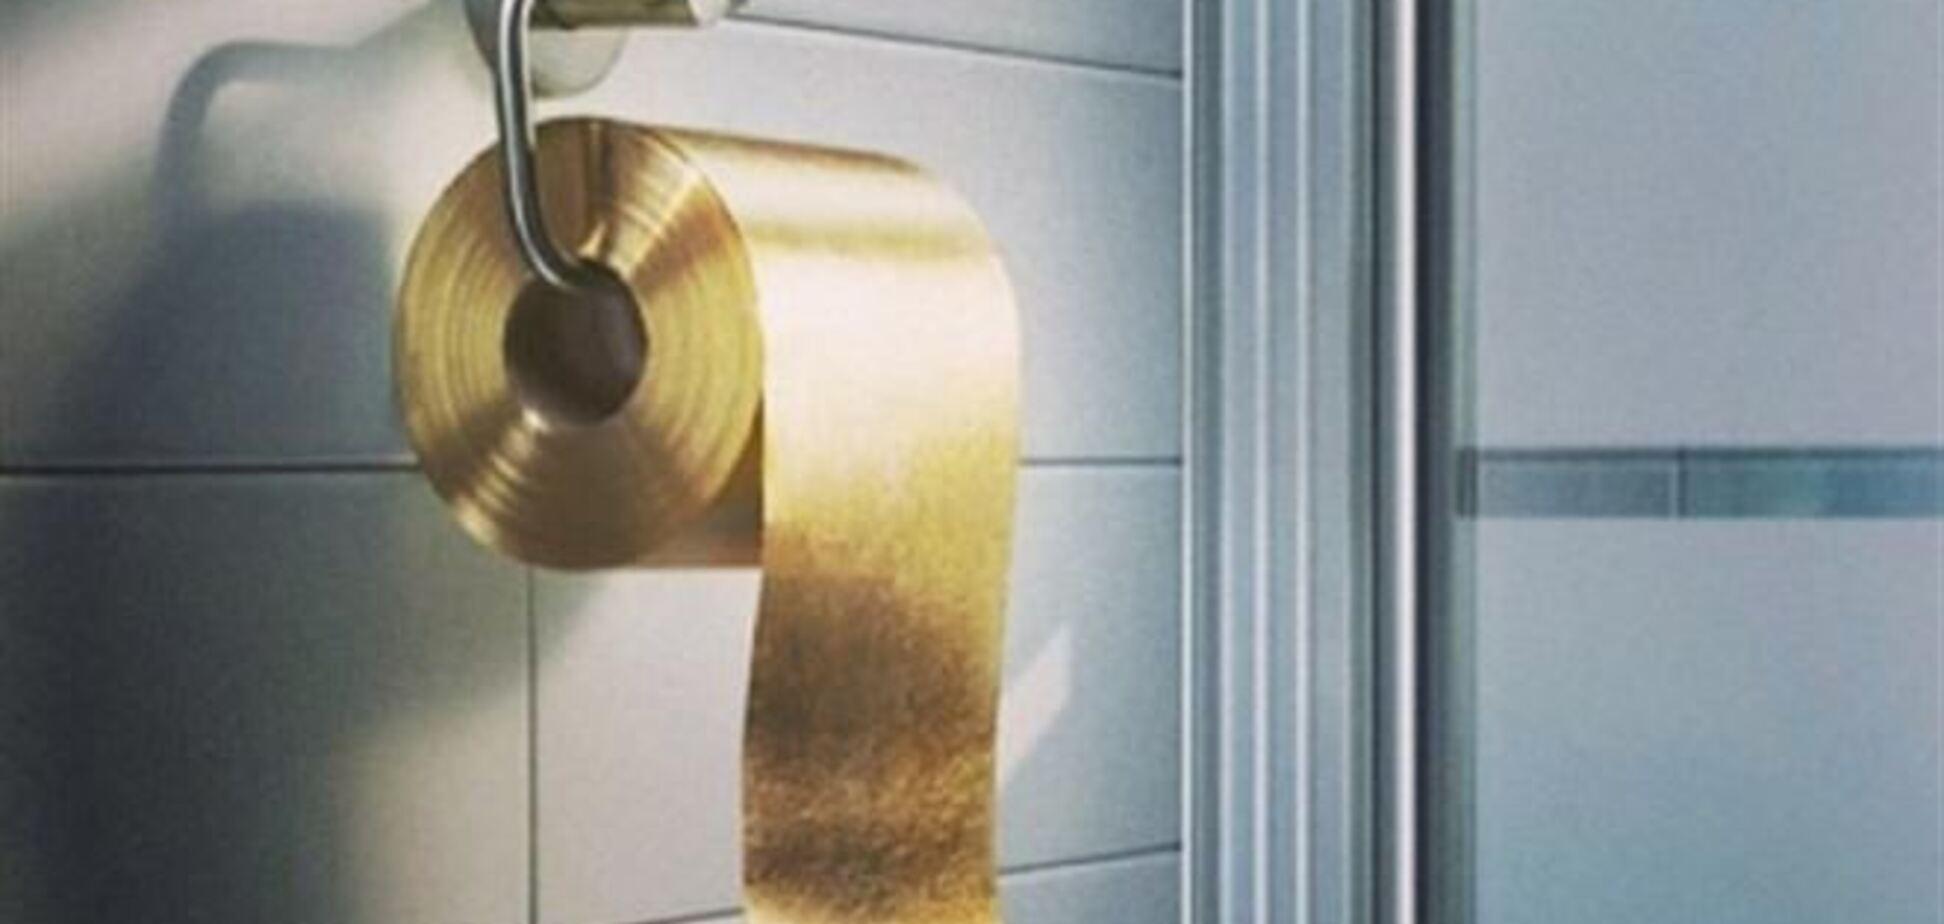 У продажу з'явилася золота туалетний папір за $ 1,3 мільйона